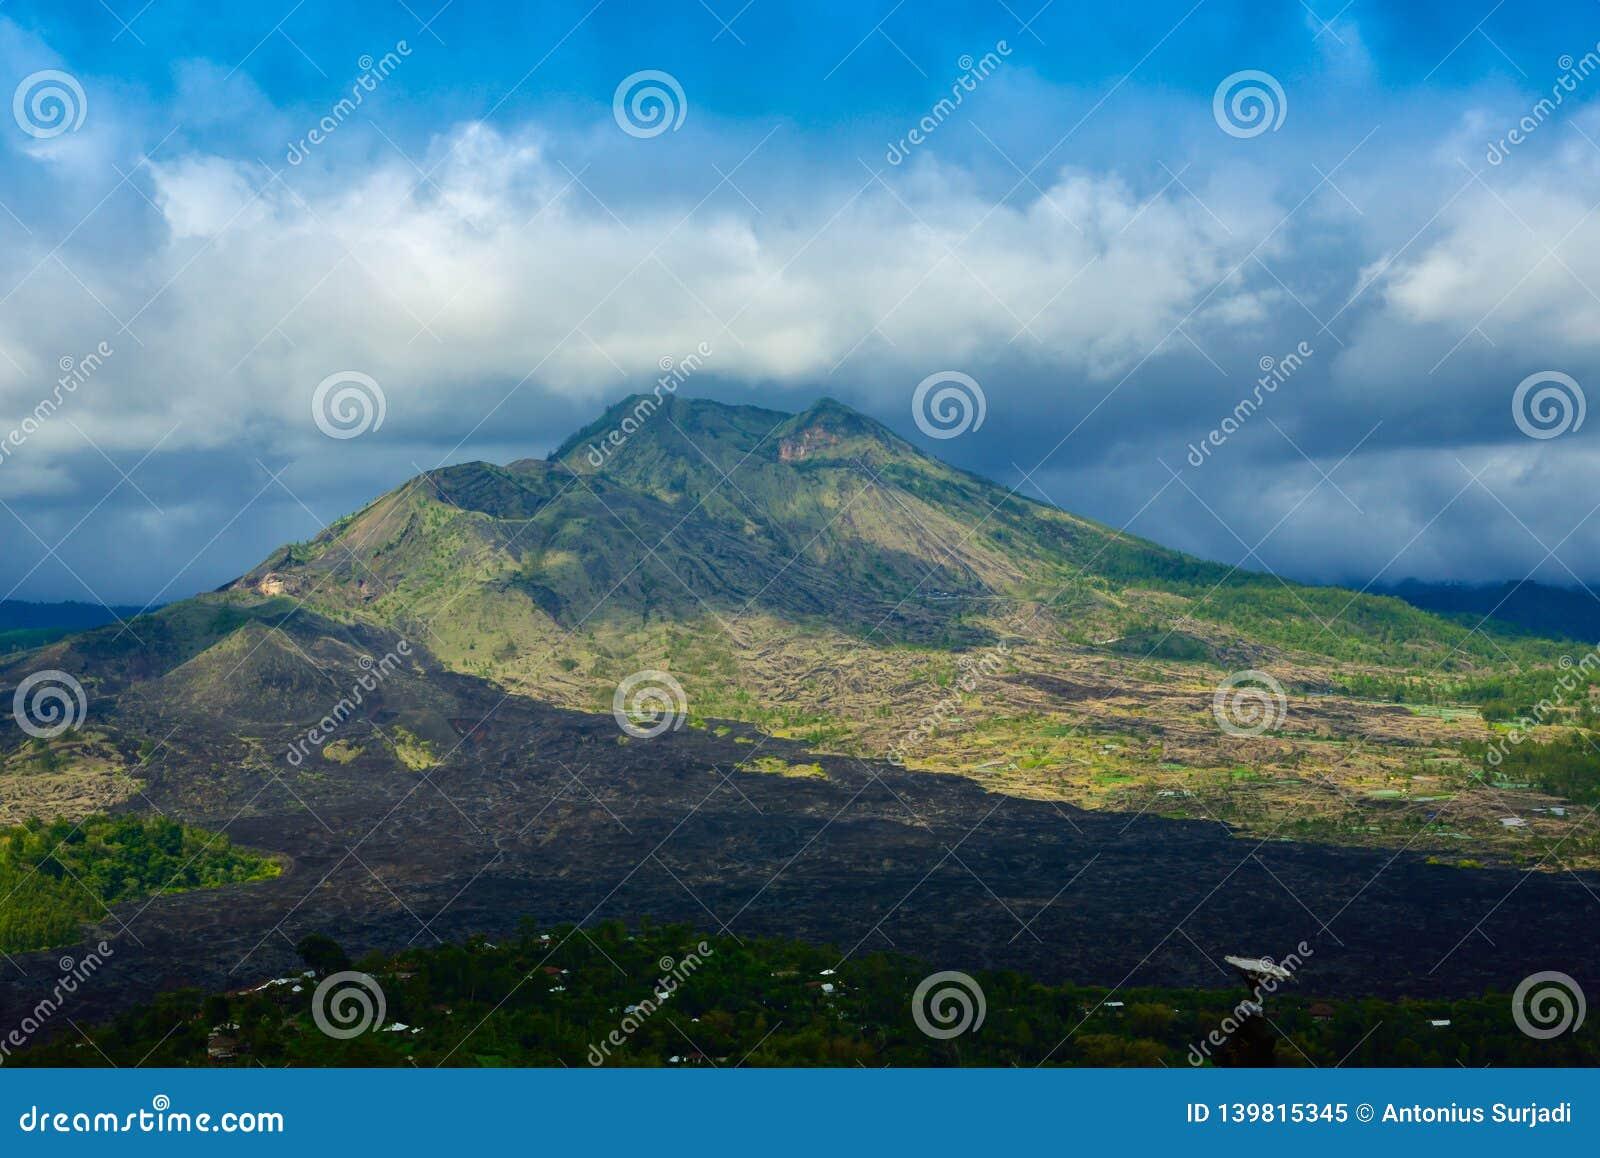 Romantische Ansicht des ausgezeichneter Gebirgs- und des grünen Regenstropischen Waldes unter bewölktem blauem Himmel